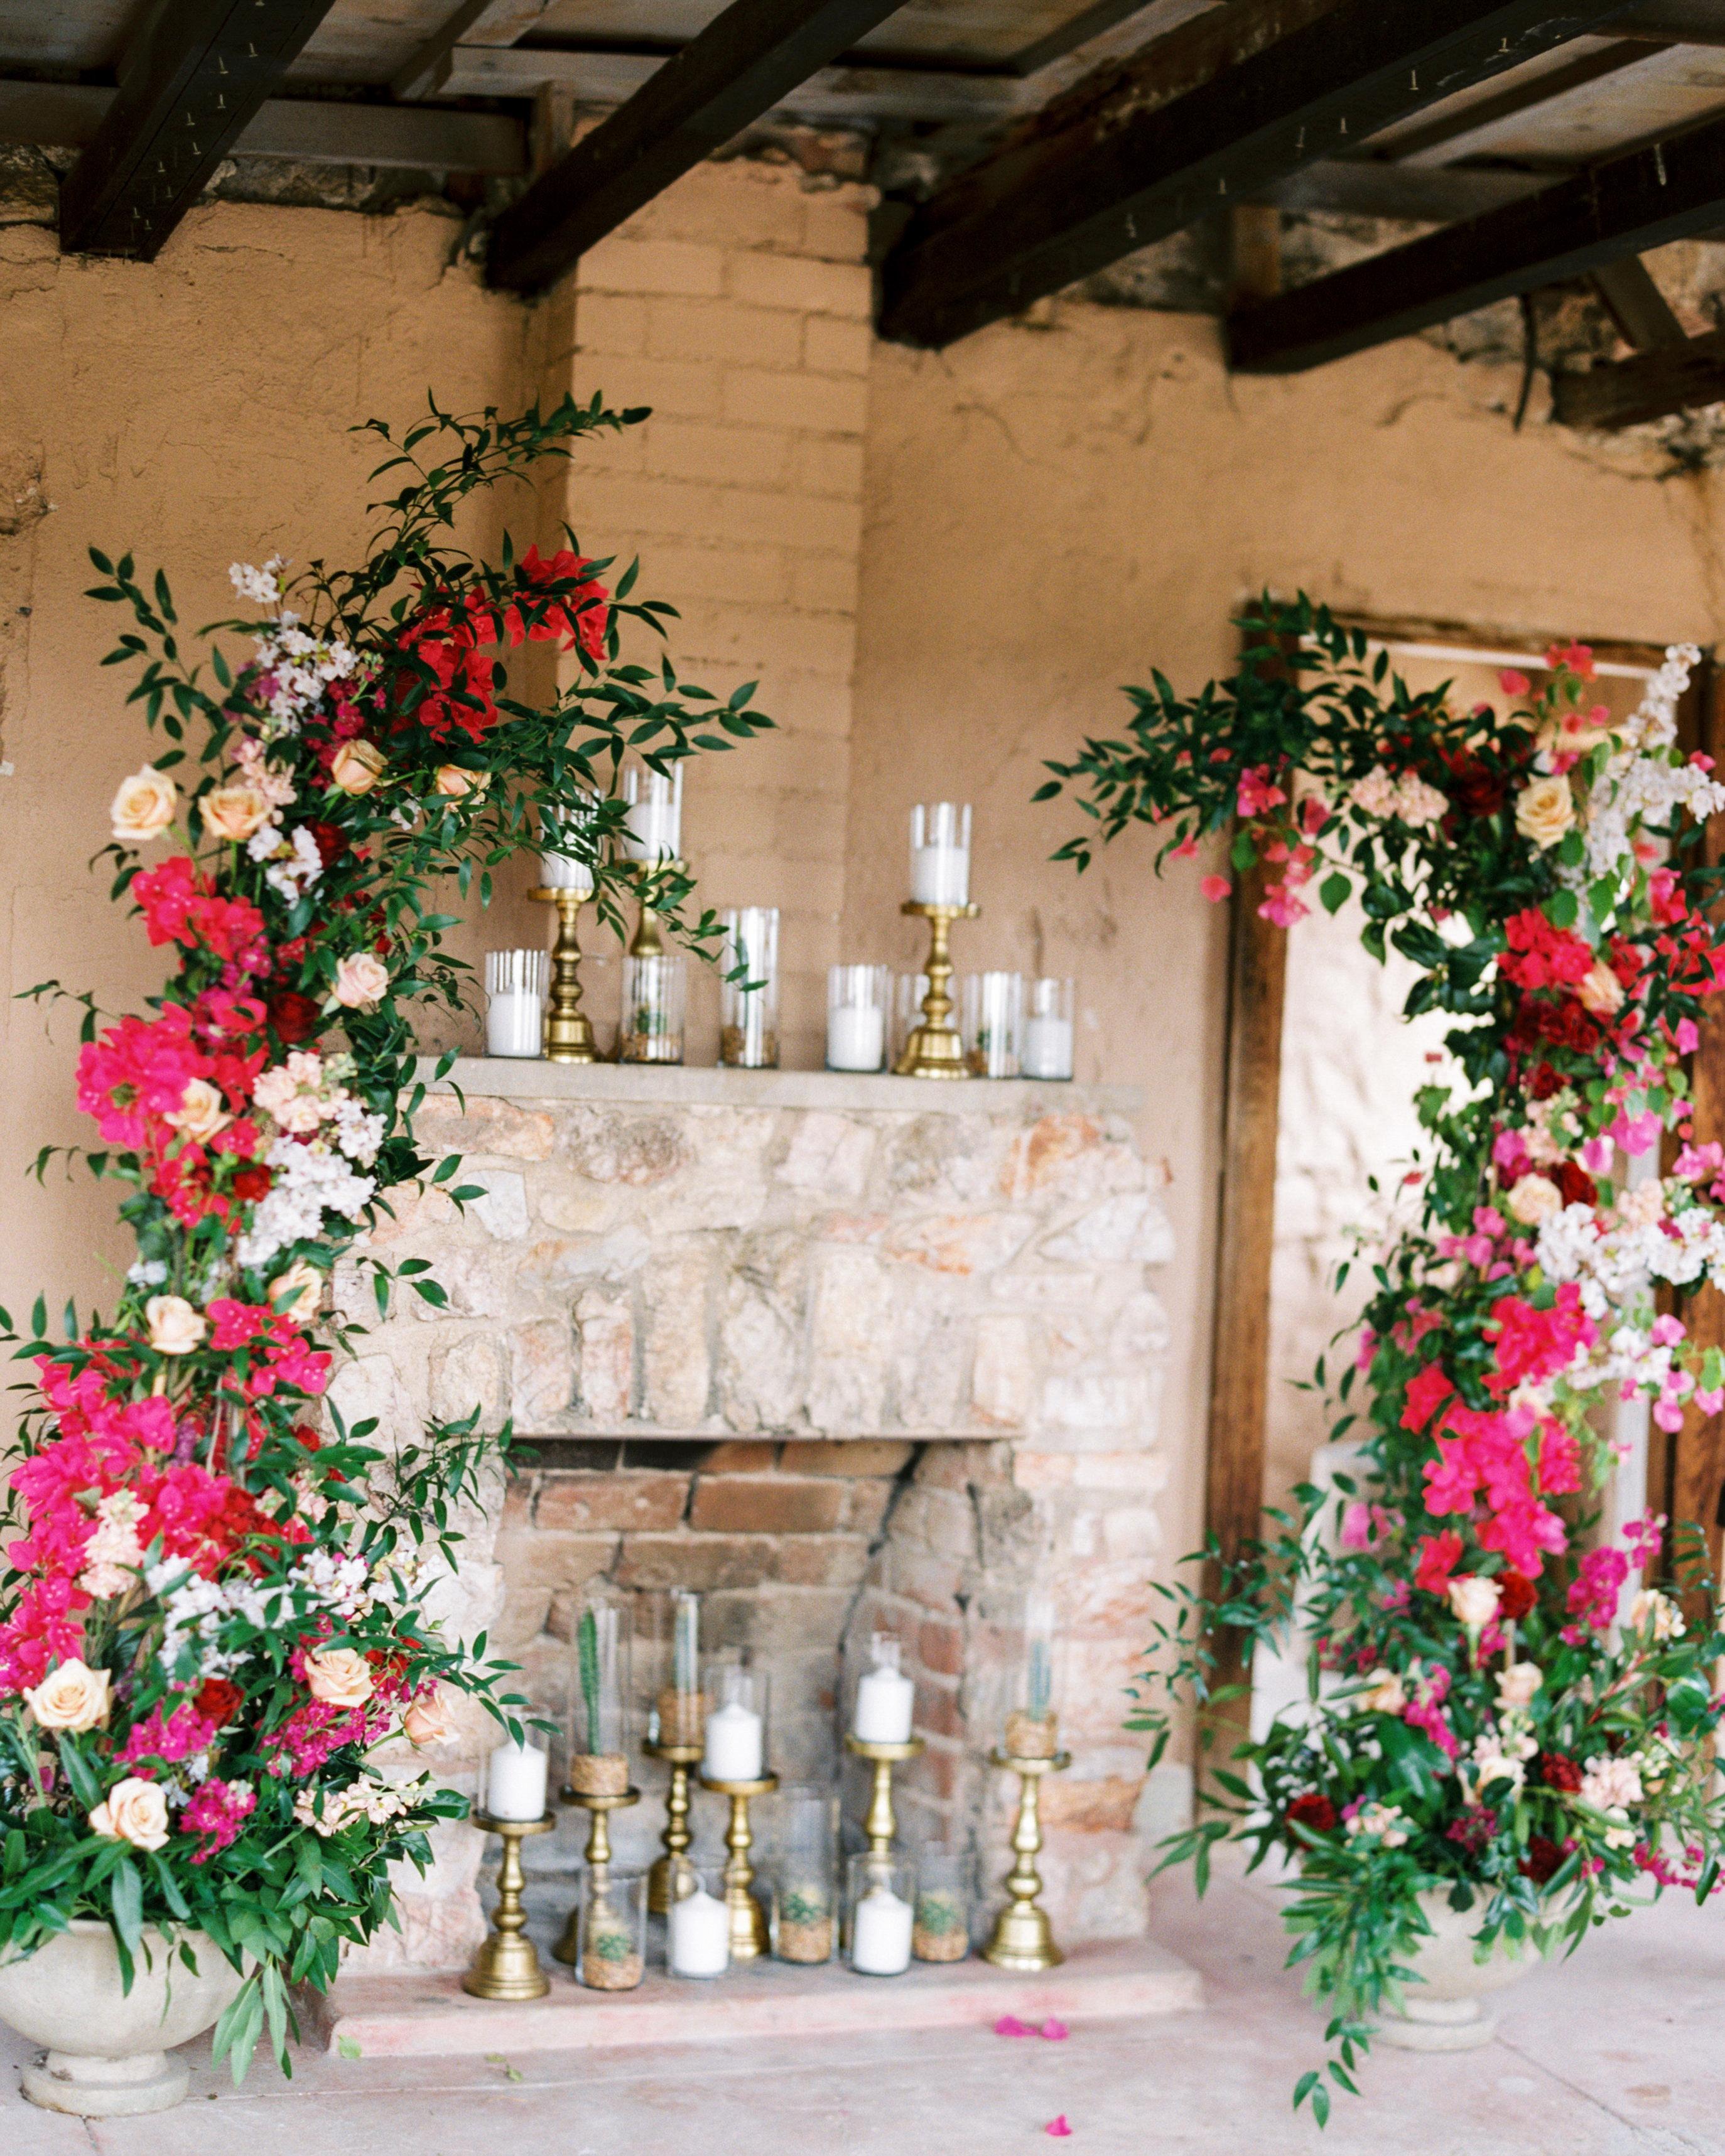 bougainvillea flowers fireplace photo backdrop